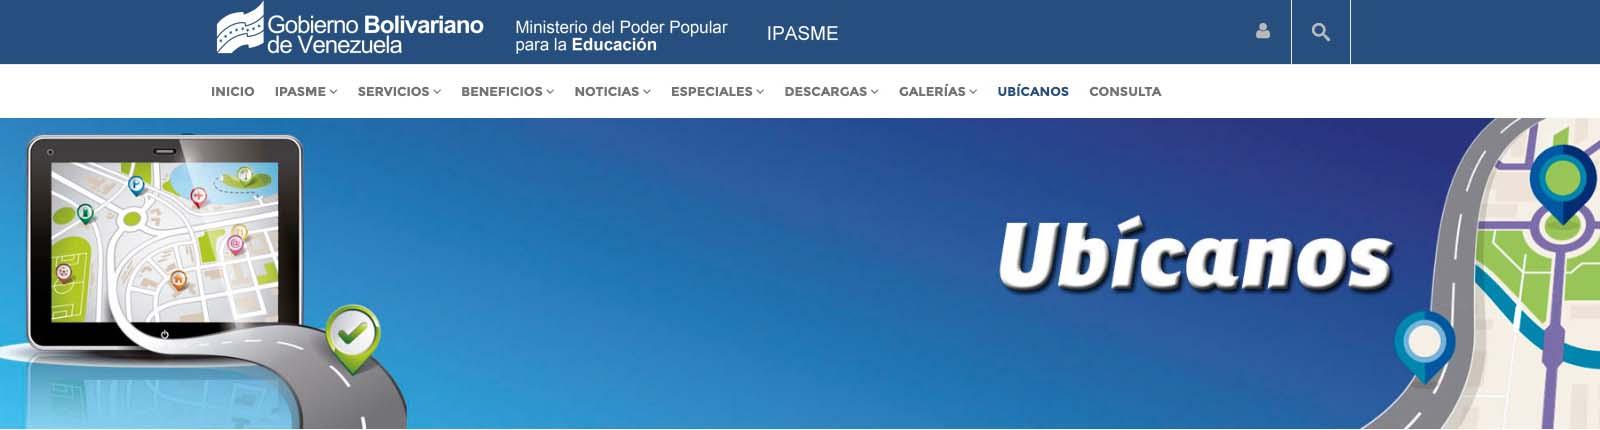 IPASME encuentra la oficina más cercana